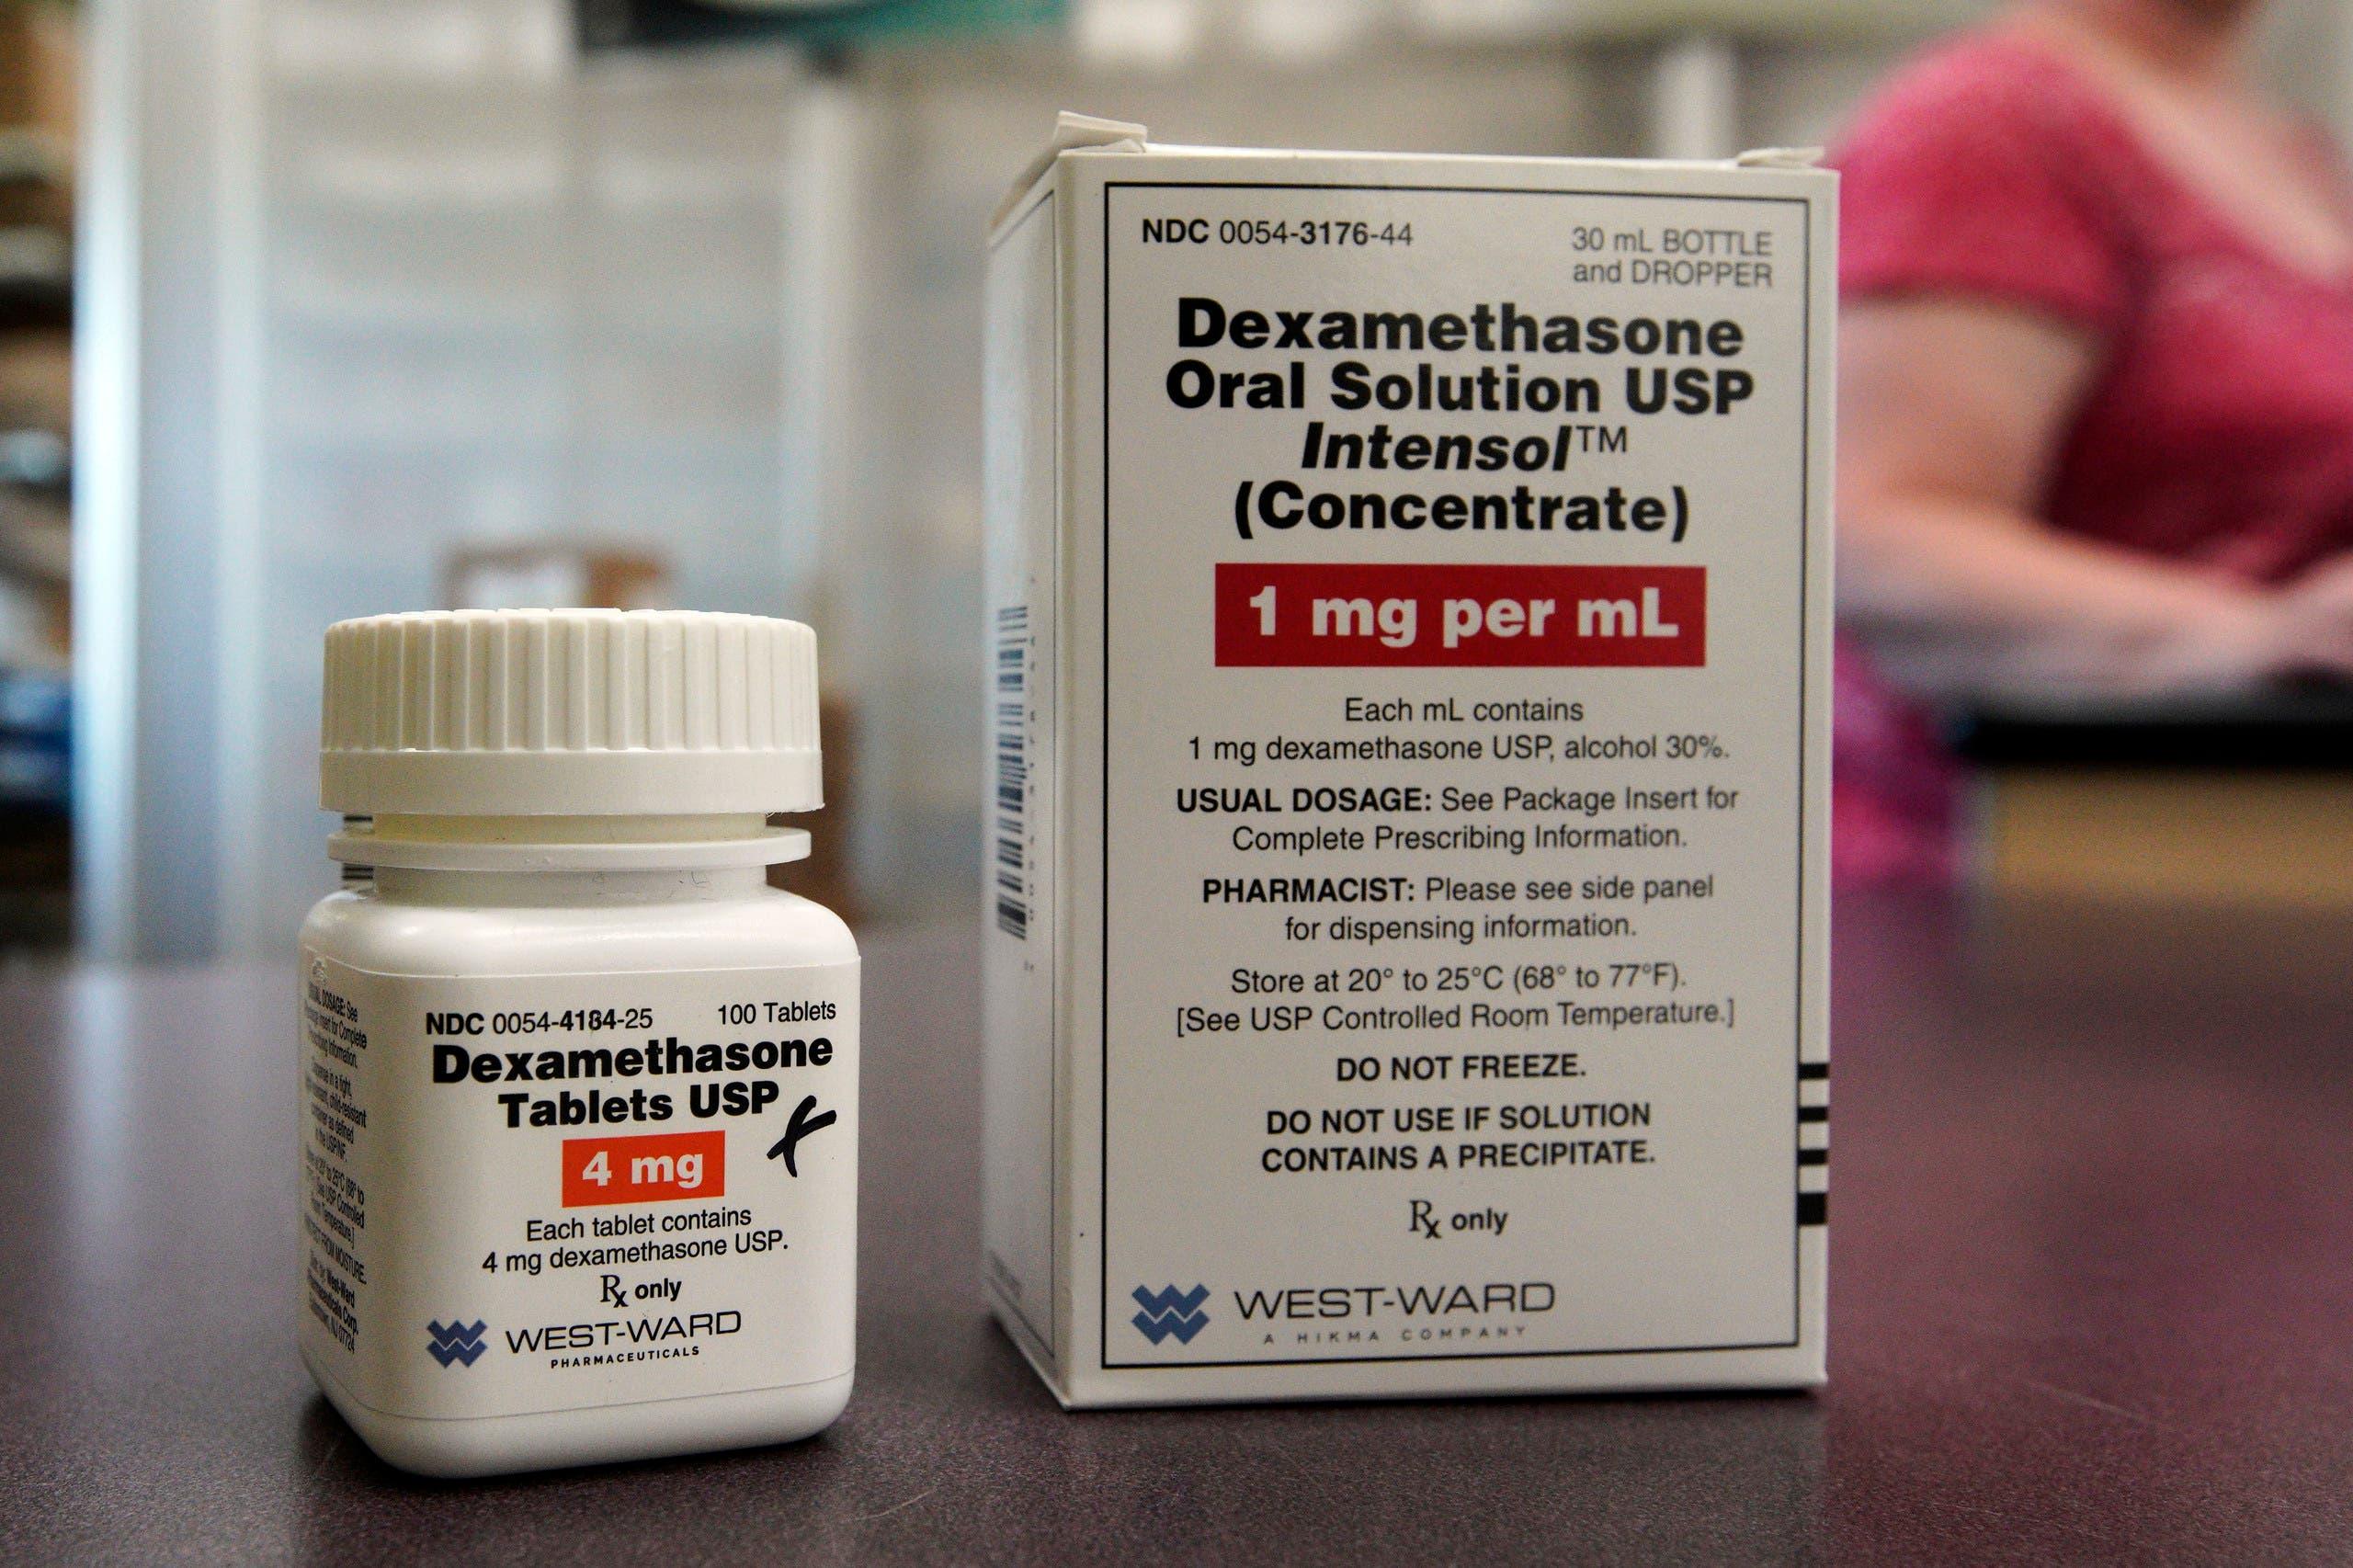 Packages of Dexamethasone are displayed in a pharmacy, Tuesday, June 16, 2020, in Omaha, Nebraska. (AP)